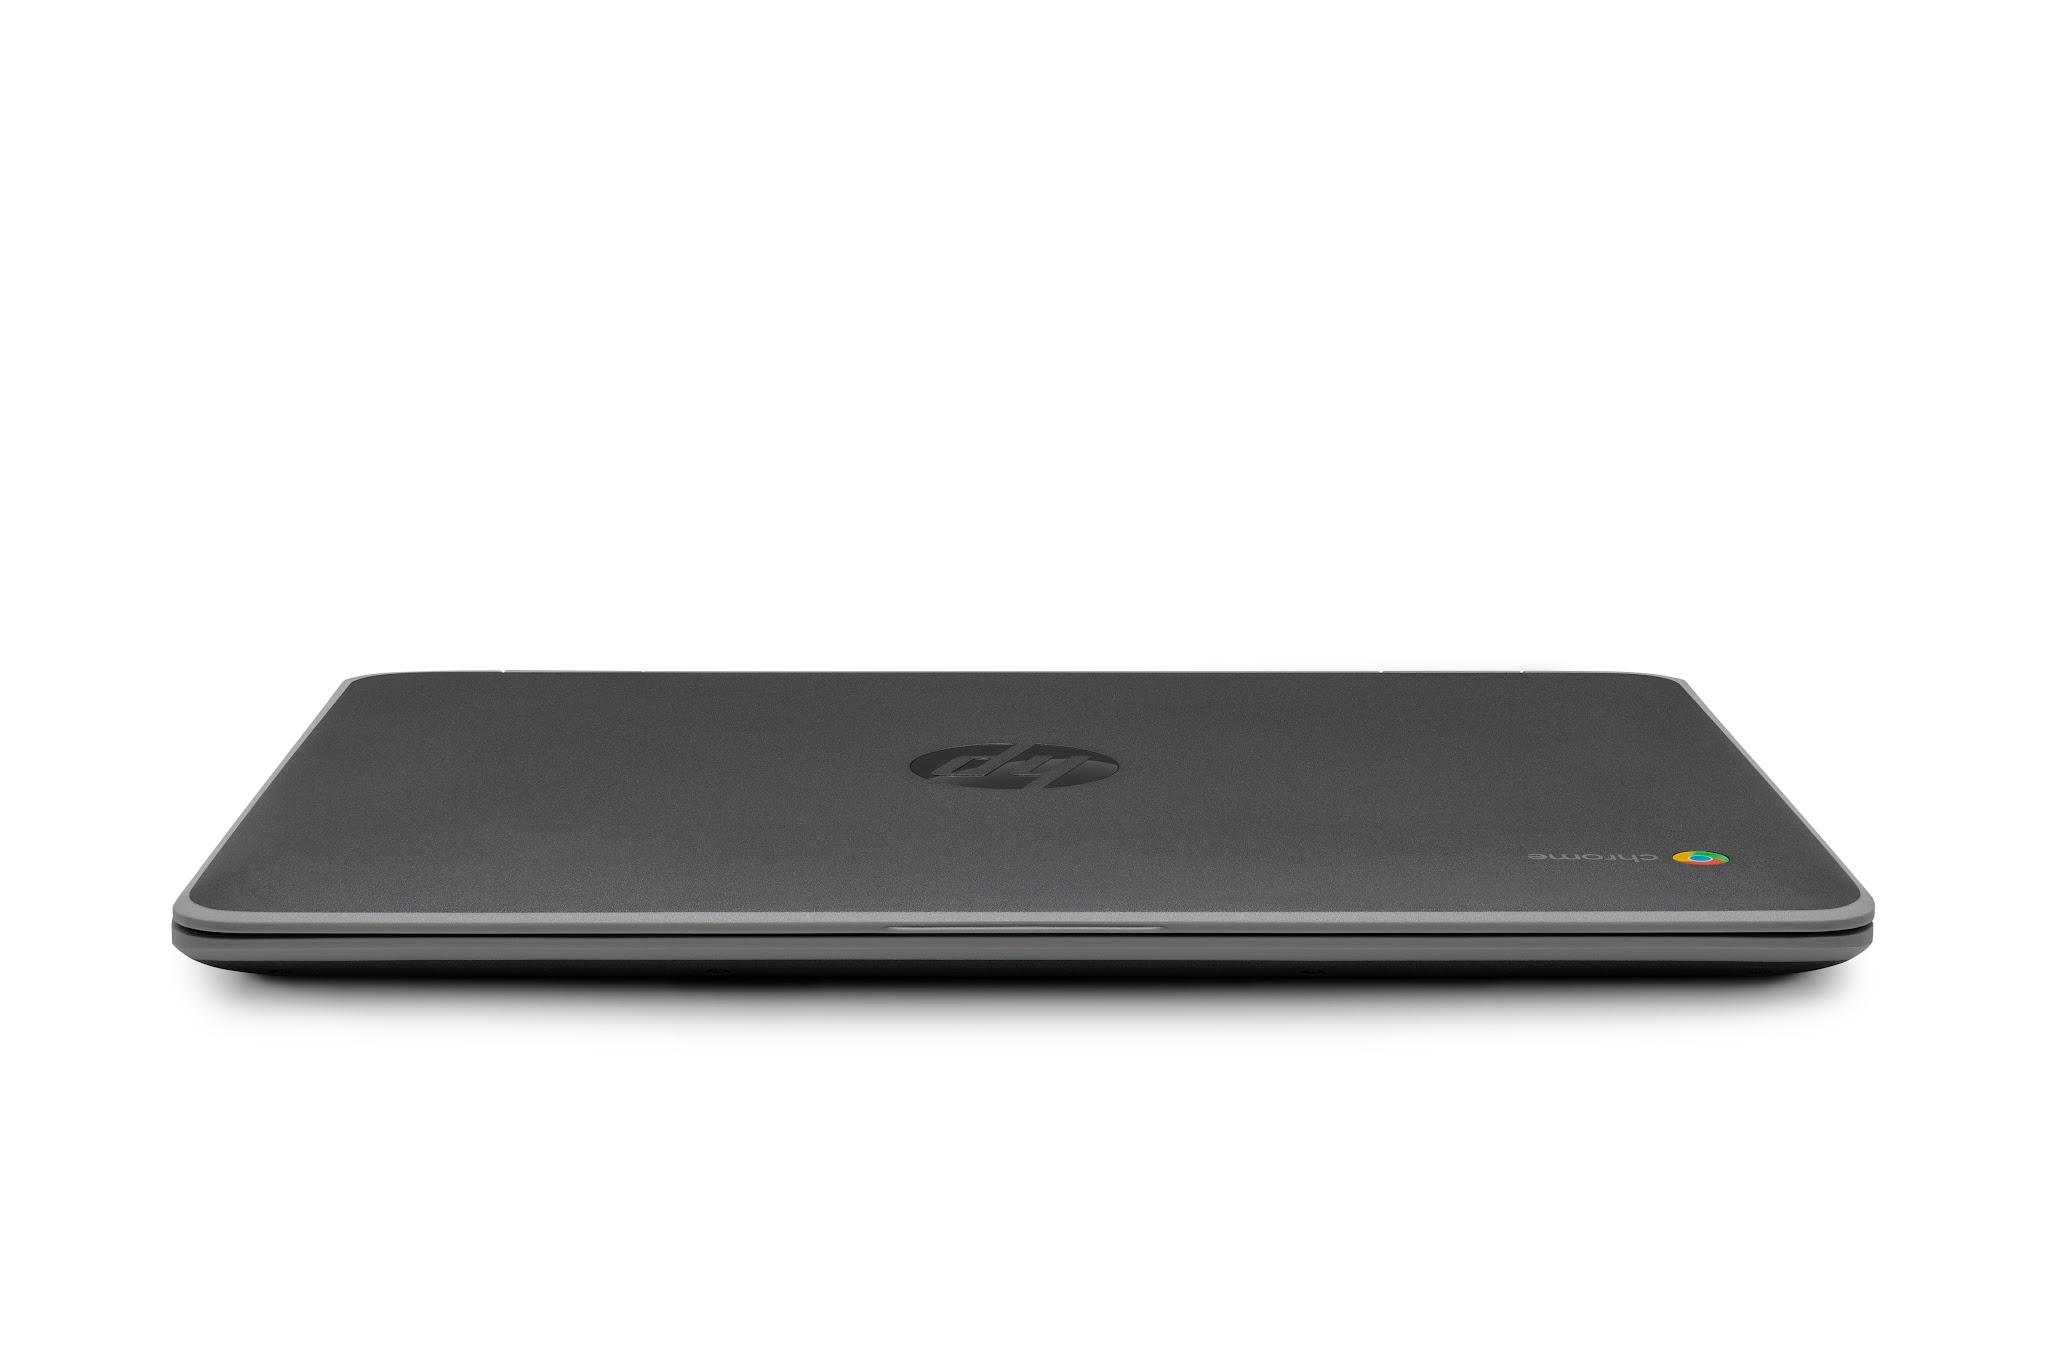 HP Chromebook x360 11 G2 EE - photo 15